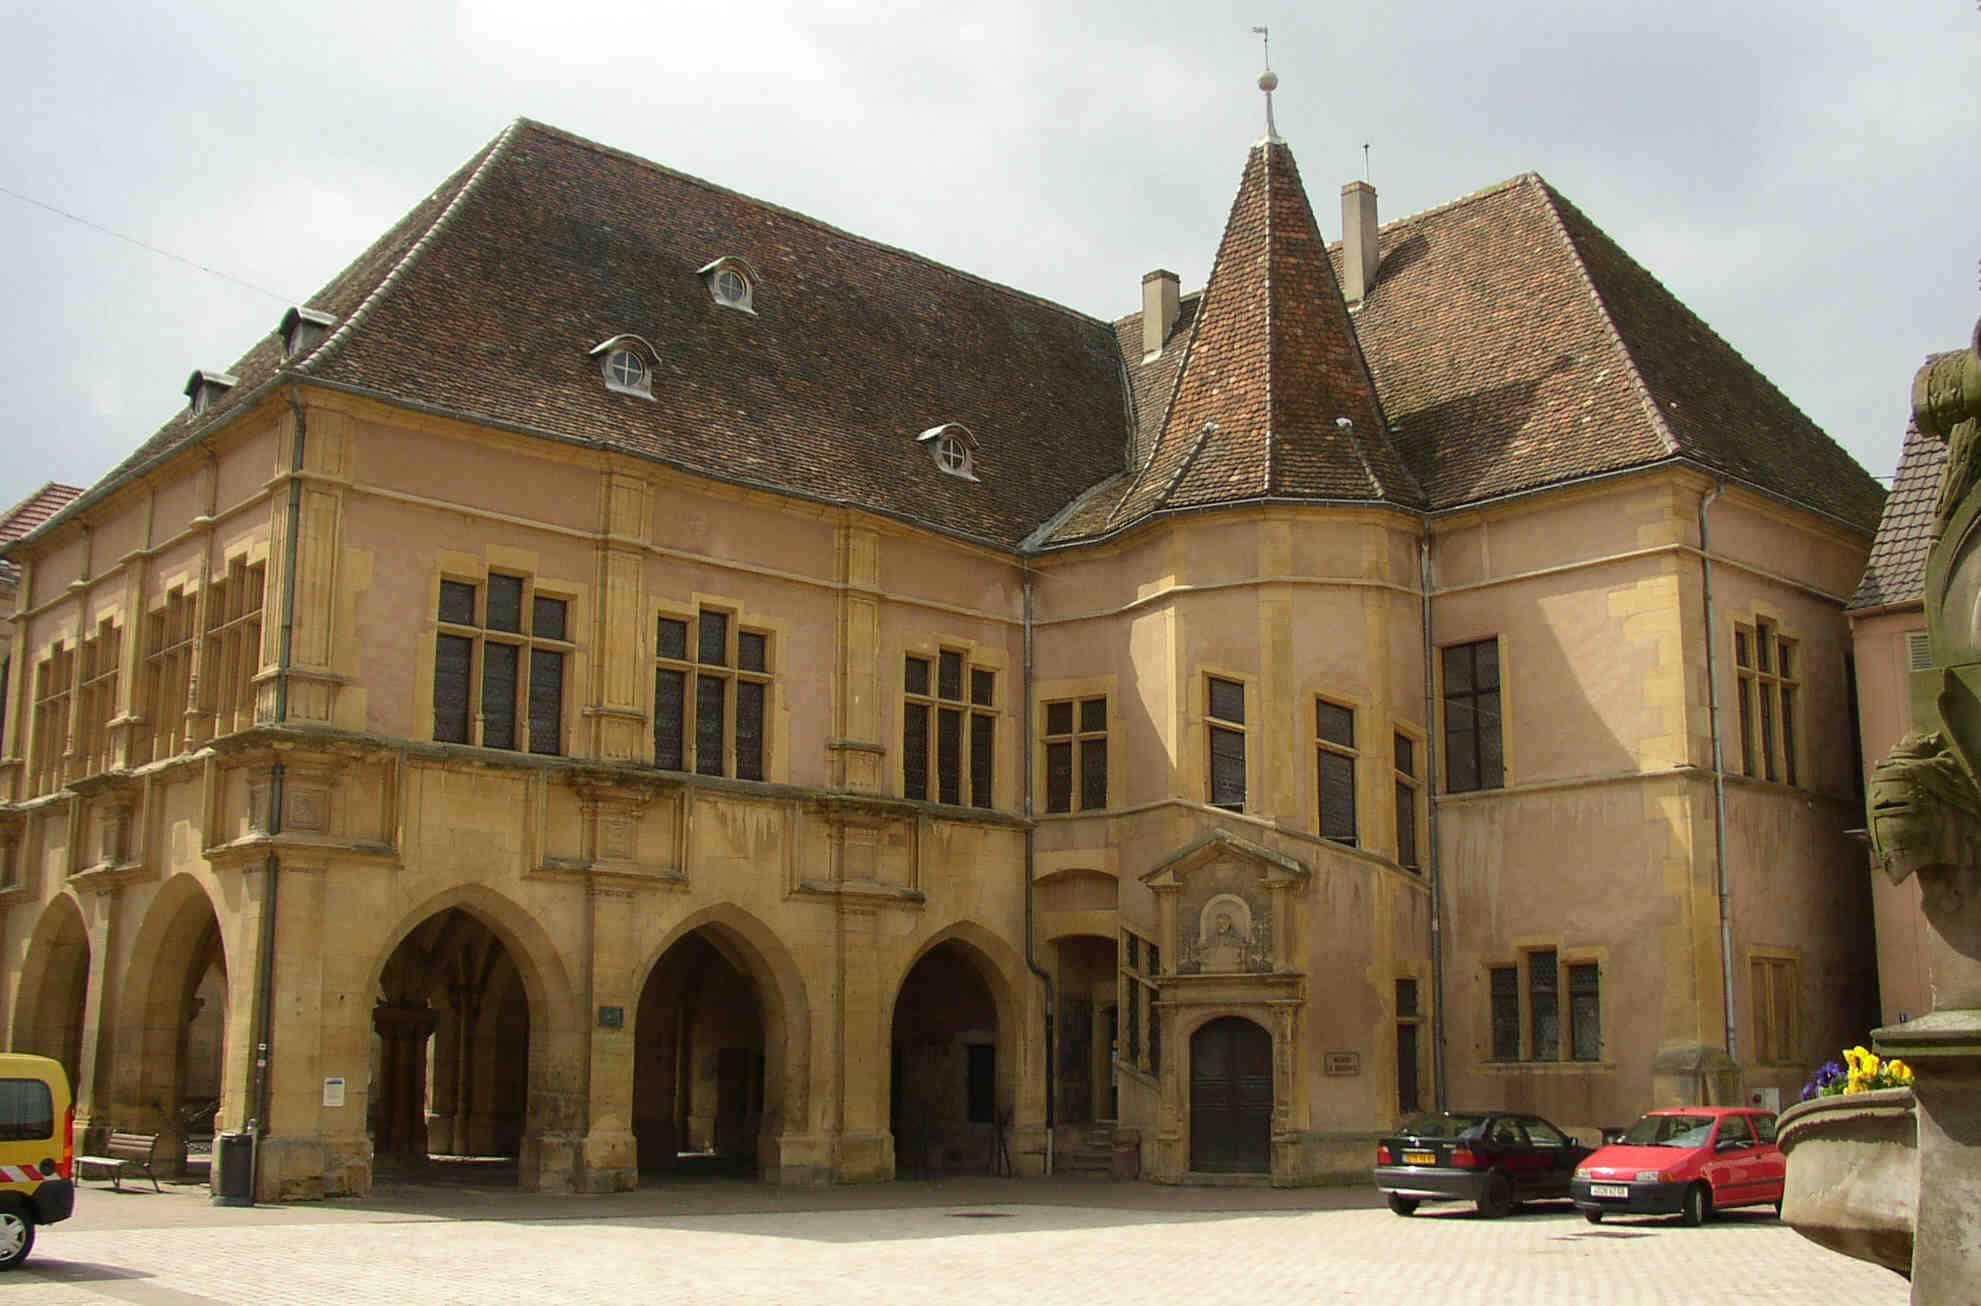 La ville d'Ensisheim